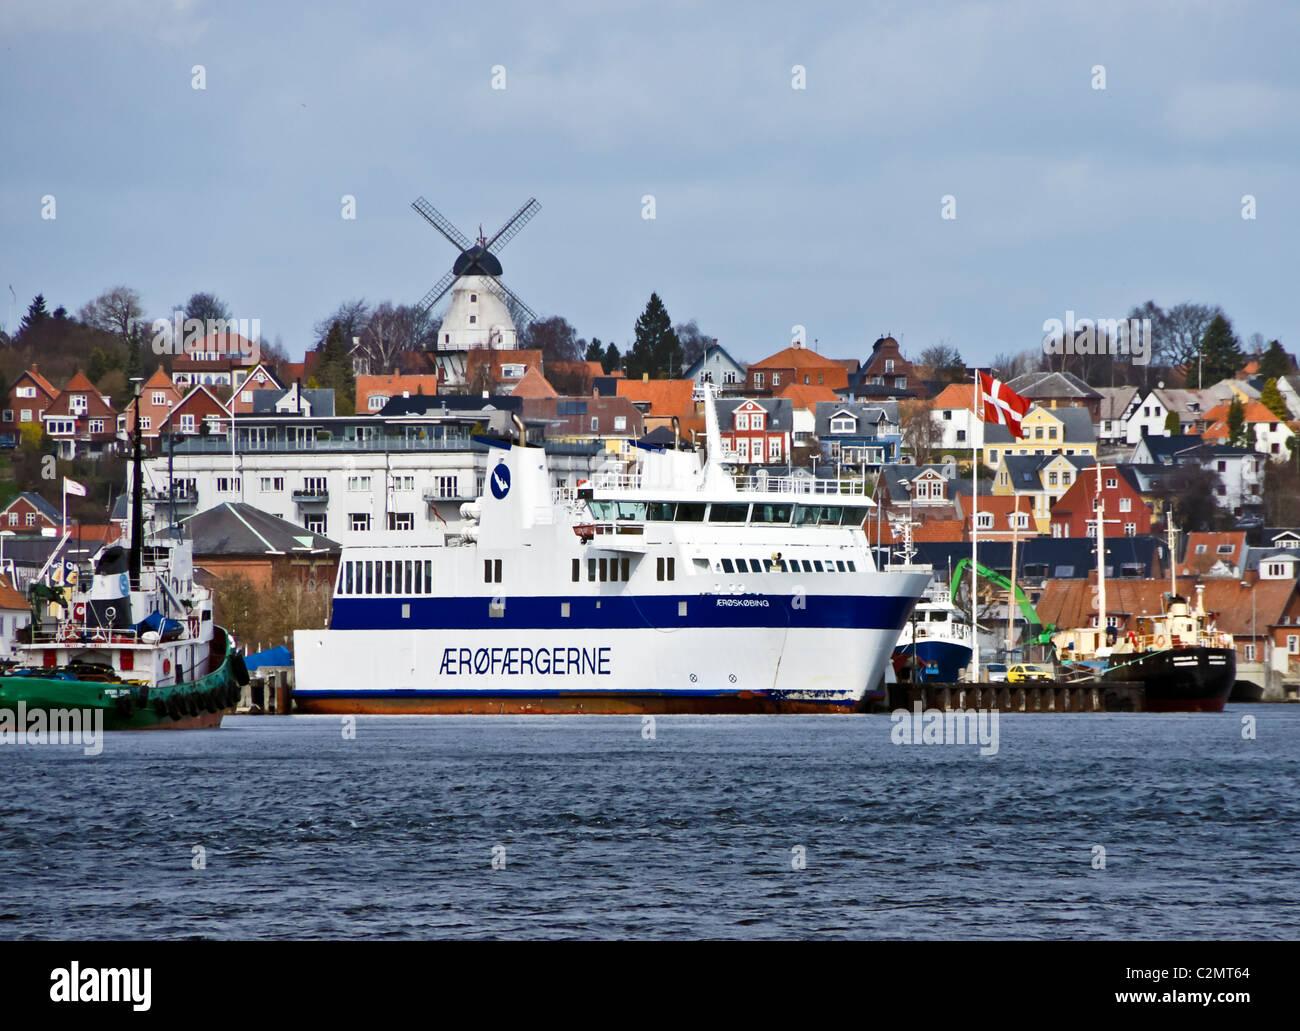 Ærøfærgerne M/F Ærøskøbing at its berth in Svendborg harbour Denmark Stock Photo